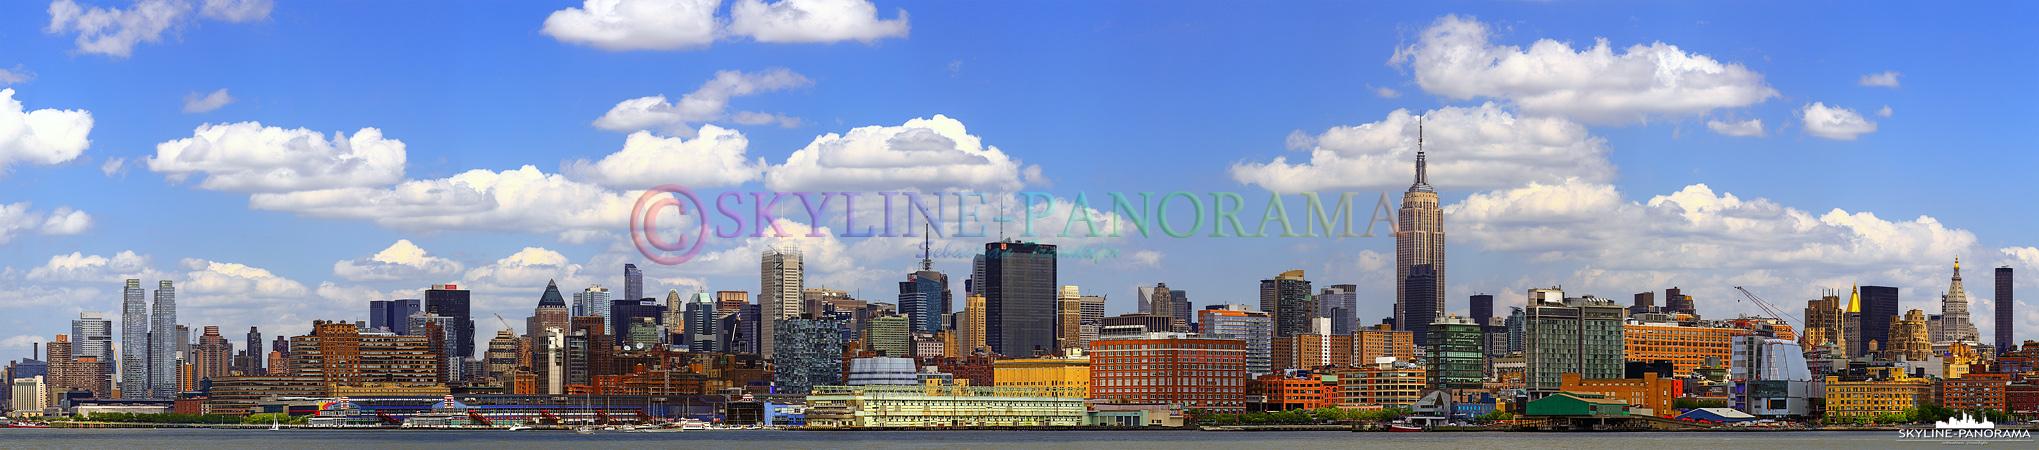 Panorama der Skyline - Manhattan Midtown mit dem Empire State Building als bekanntestes Bauwerk, am Tag von Hoboken aus gesehen.